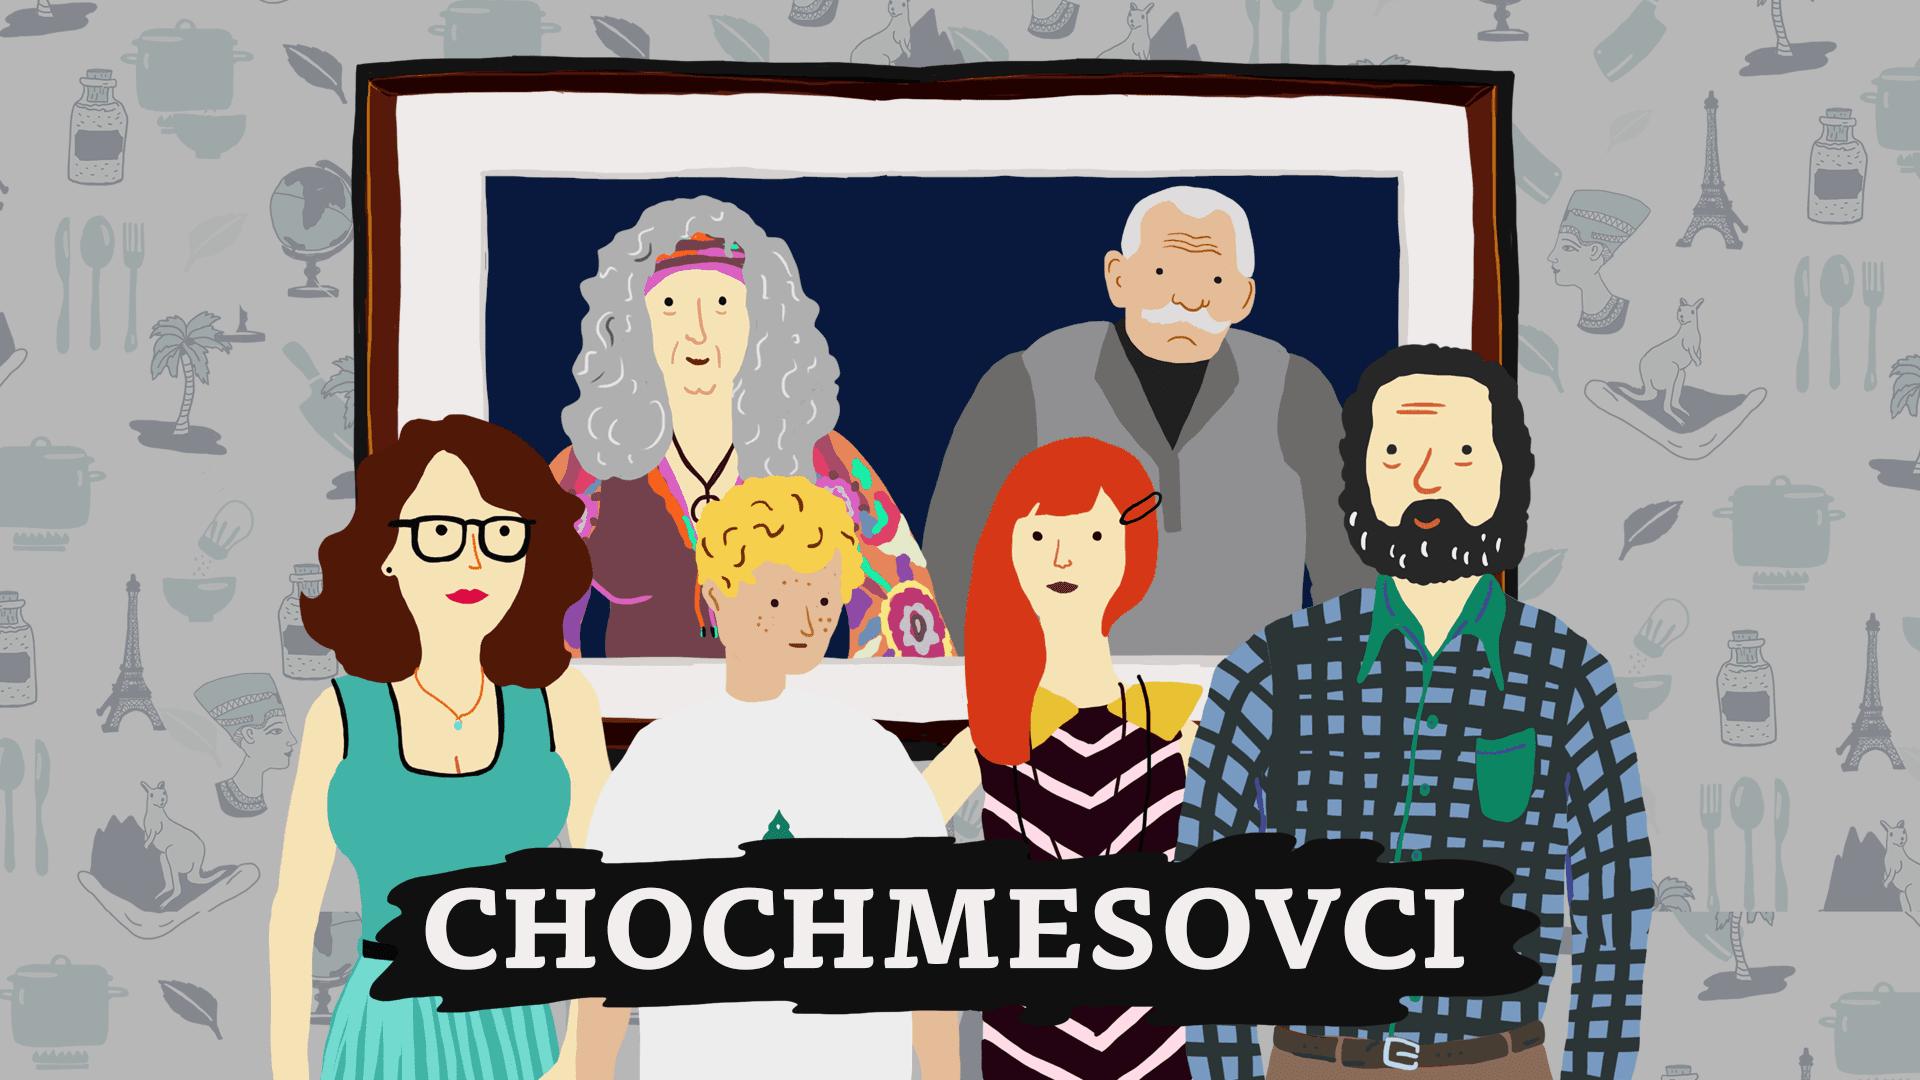 Chochmesovci - Nový rodinný animovaný seriál Chochmesovci